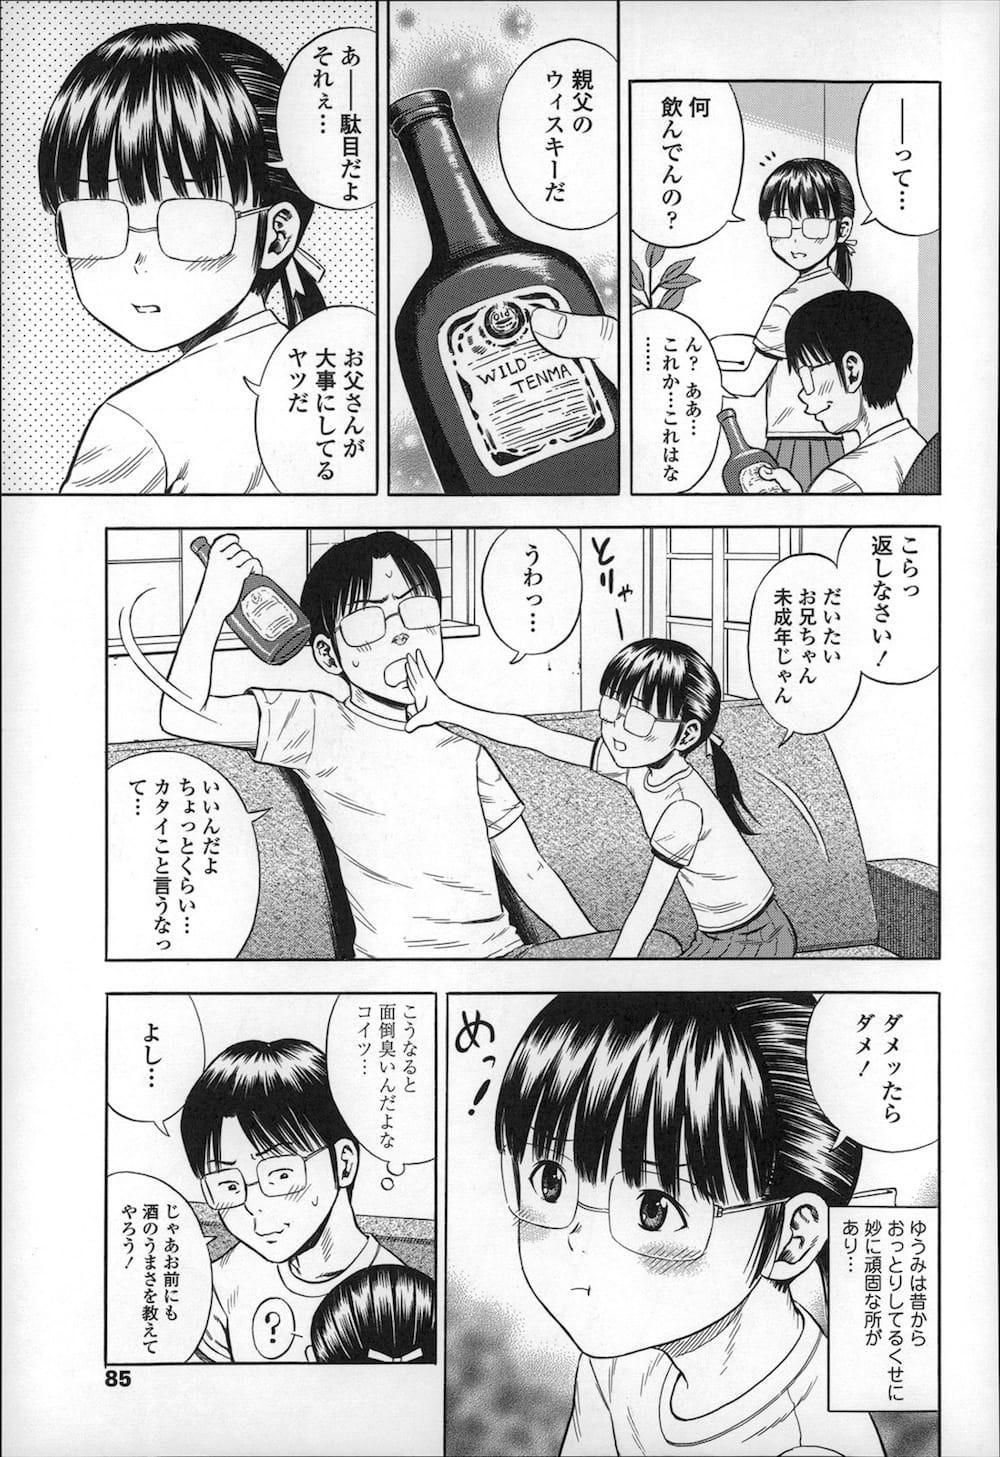 【エロ漫画】両親が不在の時におっとりしているメガネロリ妹とセックスしたら妹がSに目覚めてしまったwww 004